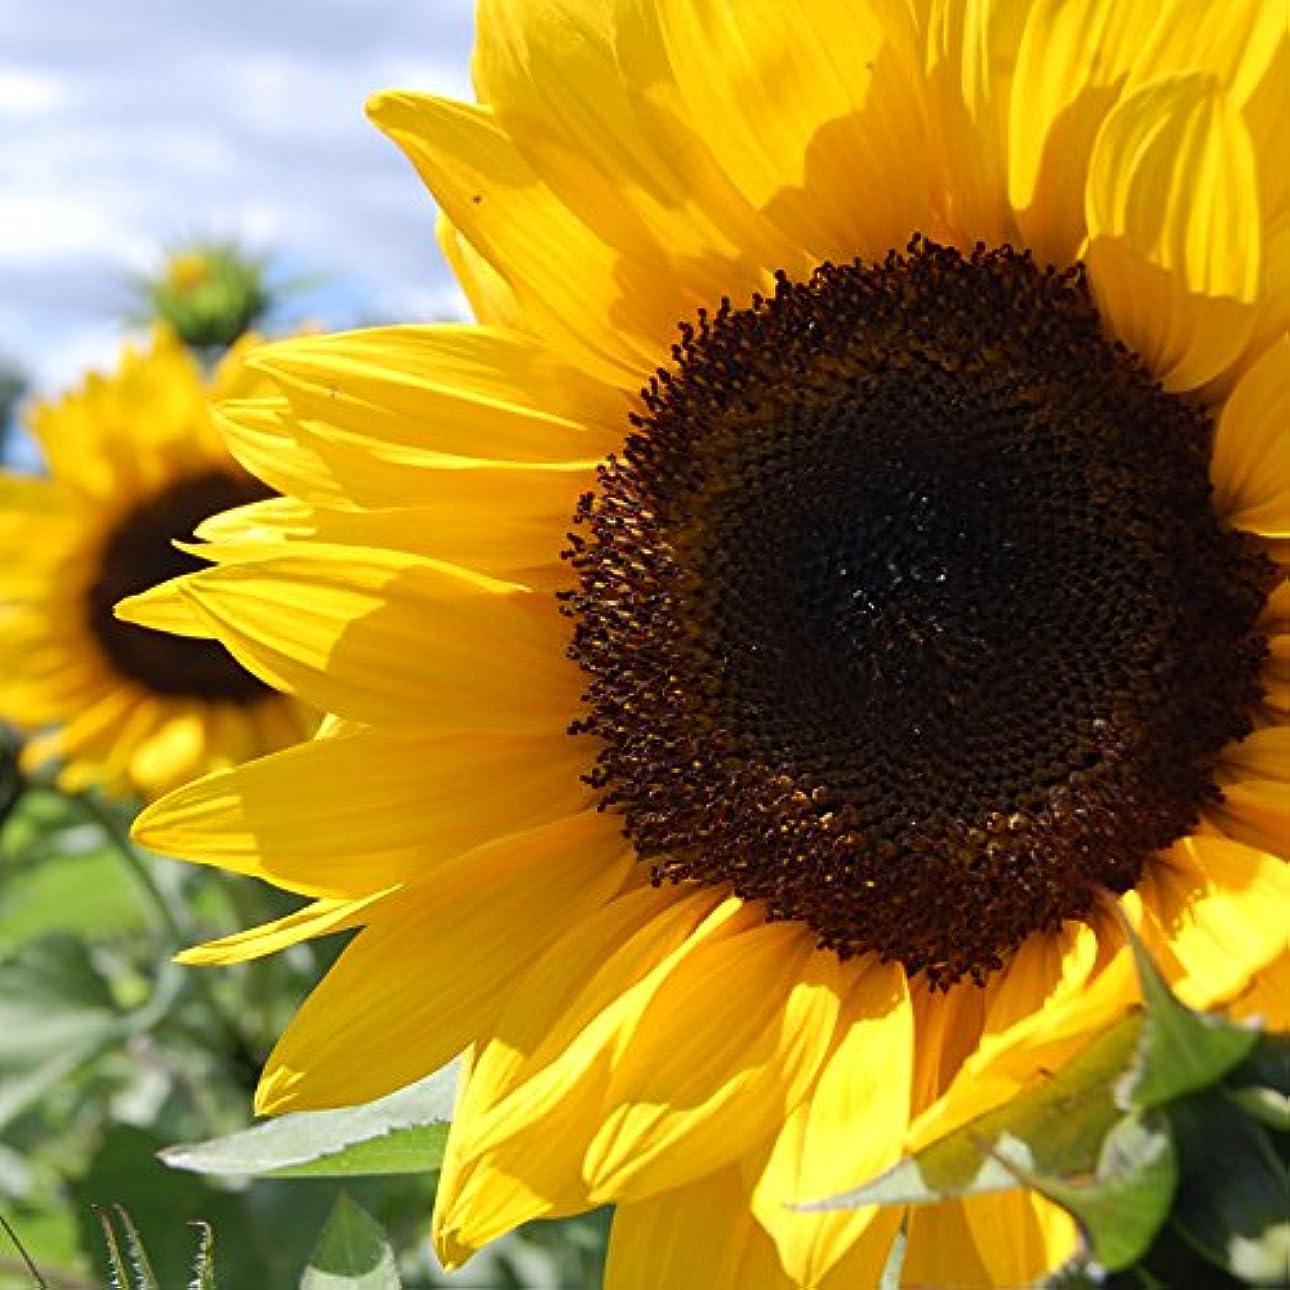 広くせがむ原稿アロマフレグランスオイル ひまわり(Sunflower)